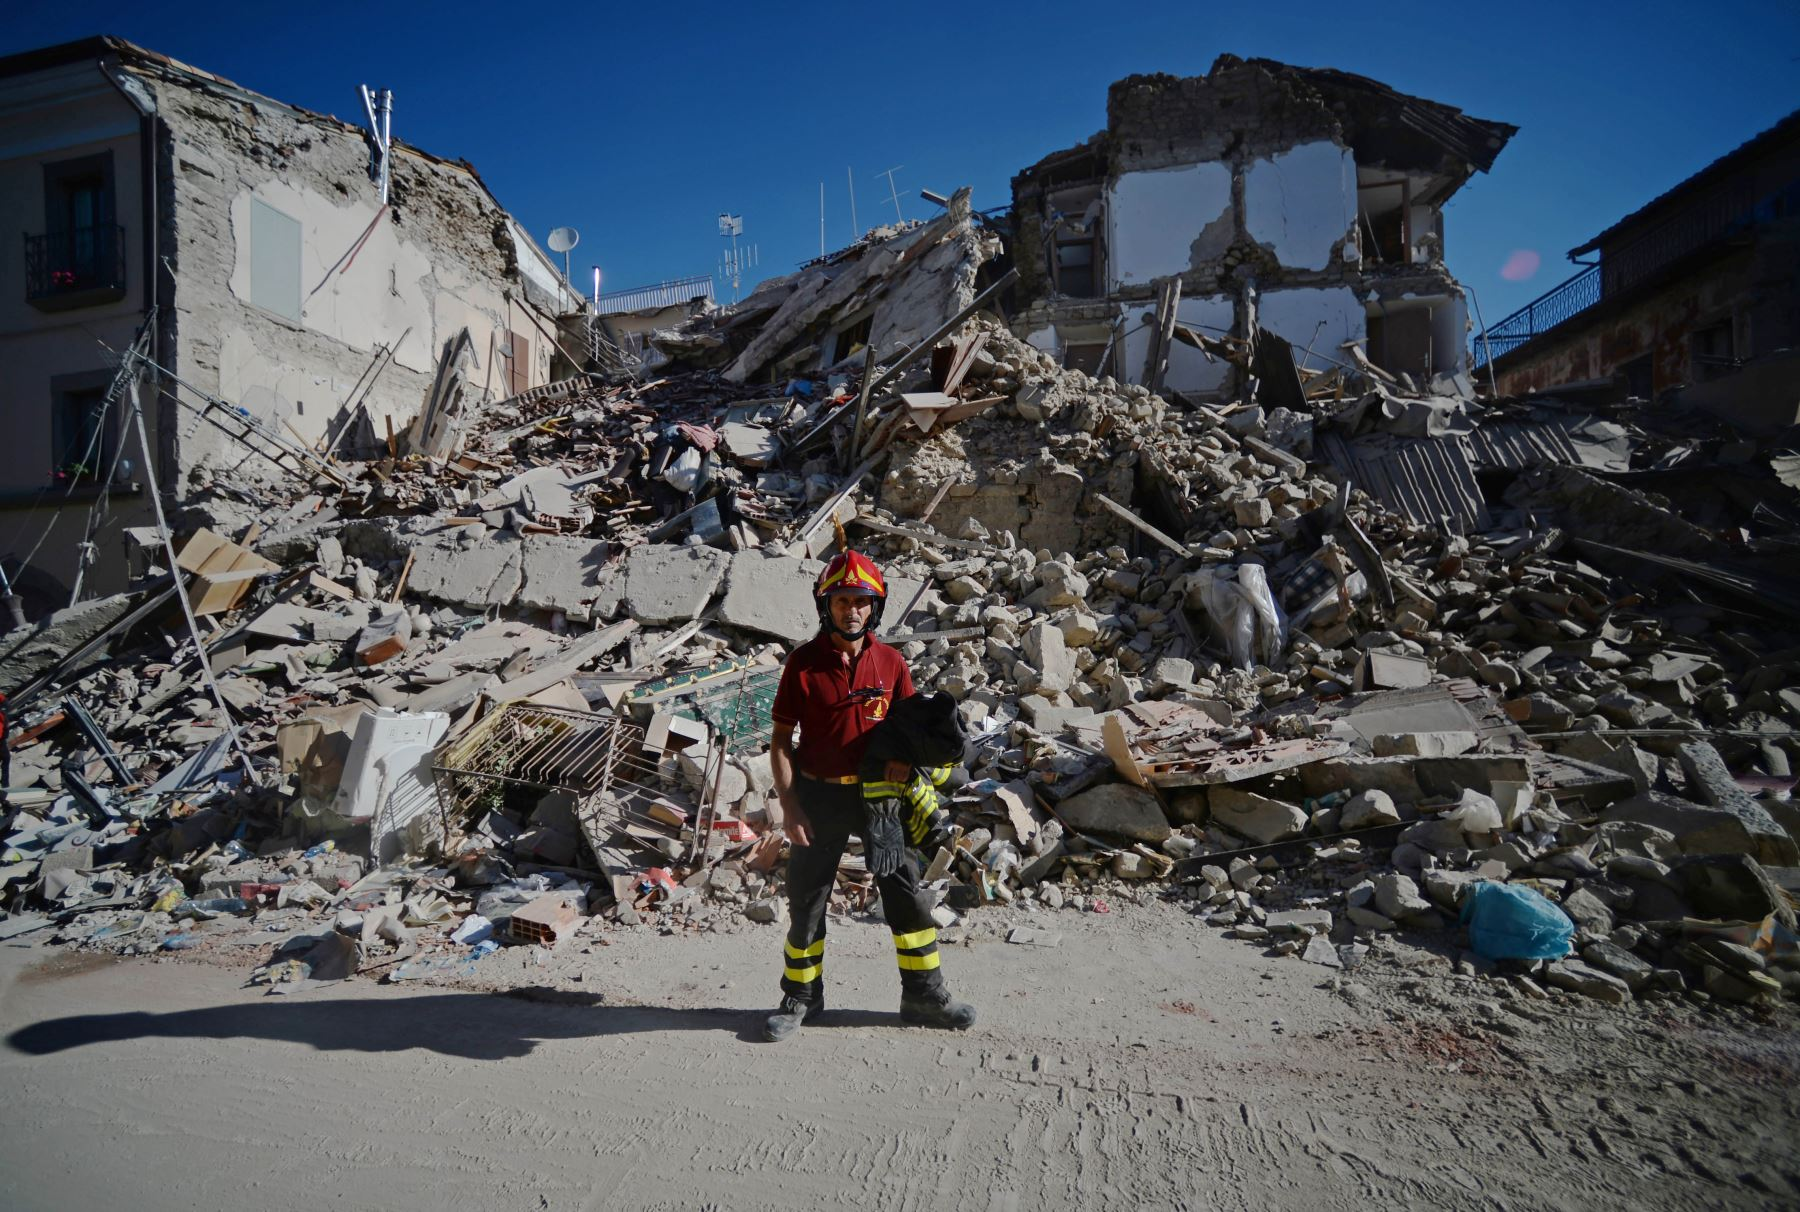 El fuerte terremoto de 6,2 grados que sacudió el centro de Italia, elevó a 247 el número de muertos. Foto: AFP